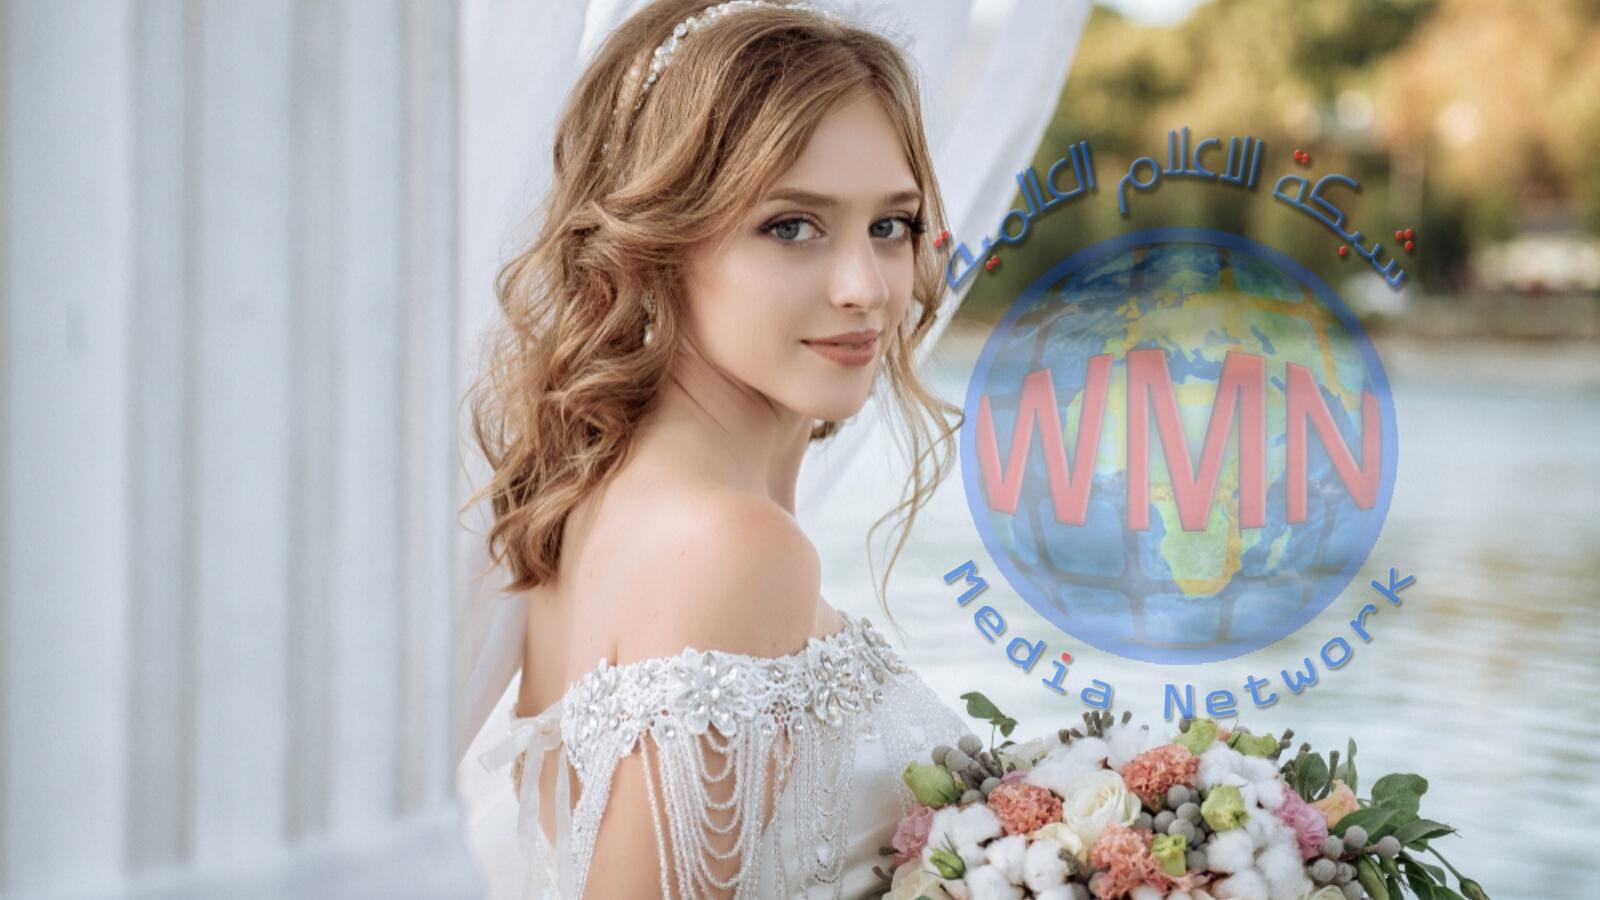 وصفات لتبييض جسم العروس خلال أسبوع واحد